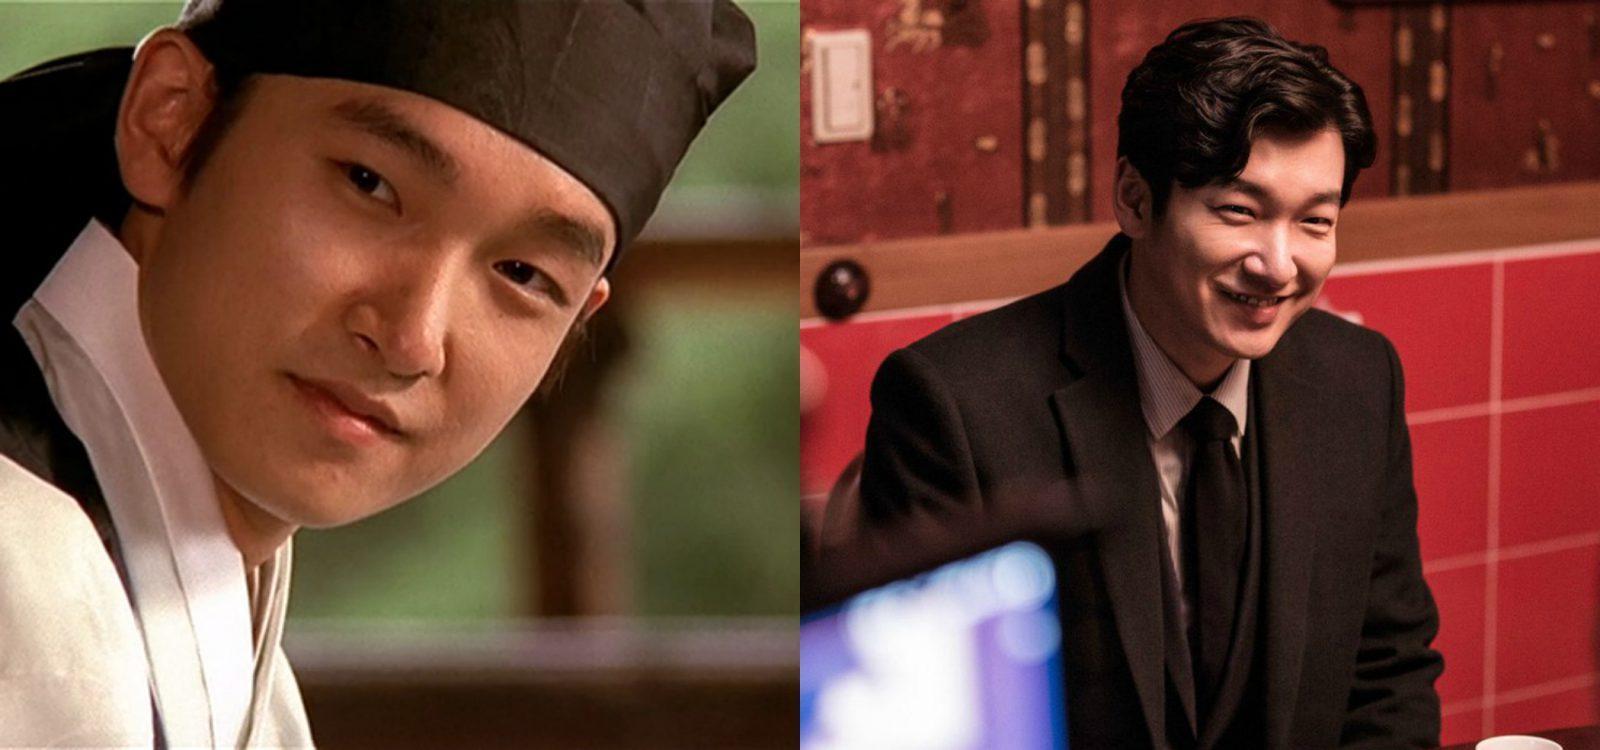 Từ những năm 2000, dàn mỹ nam xứ Hàn này đã sở hữu ngoại hình xuất sắc ít ai sánh kịp-10